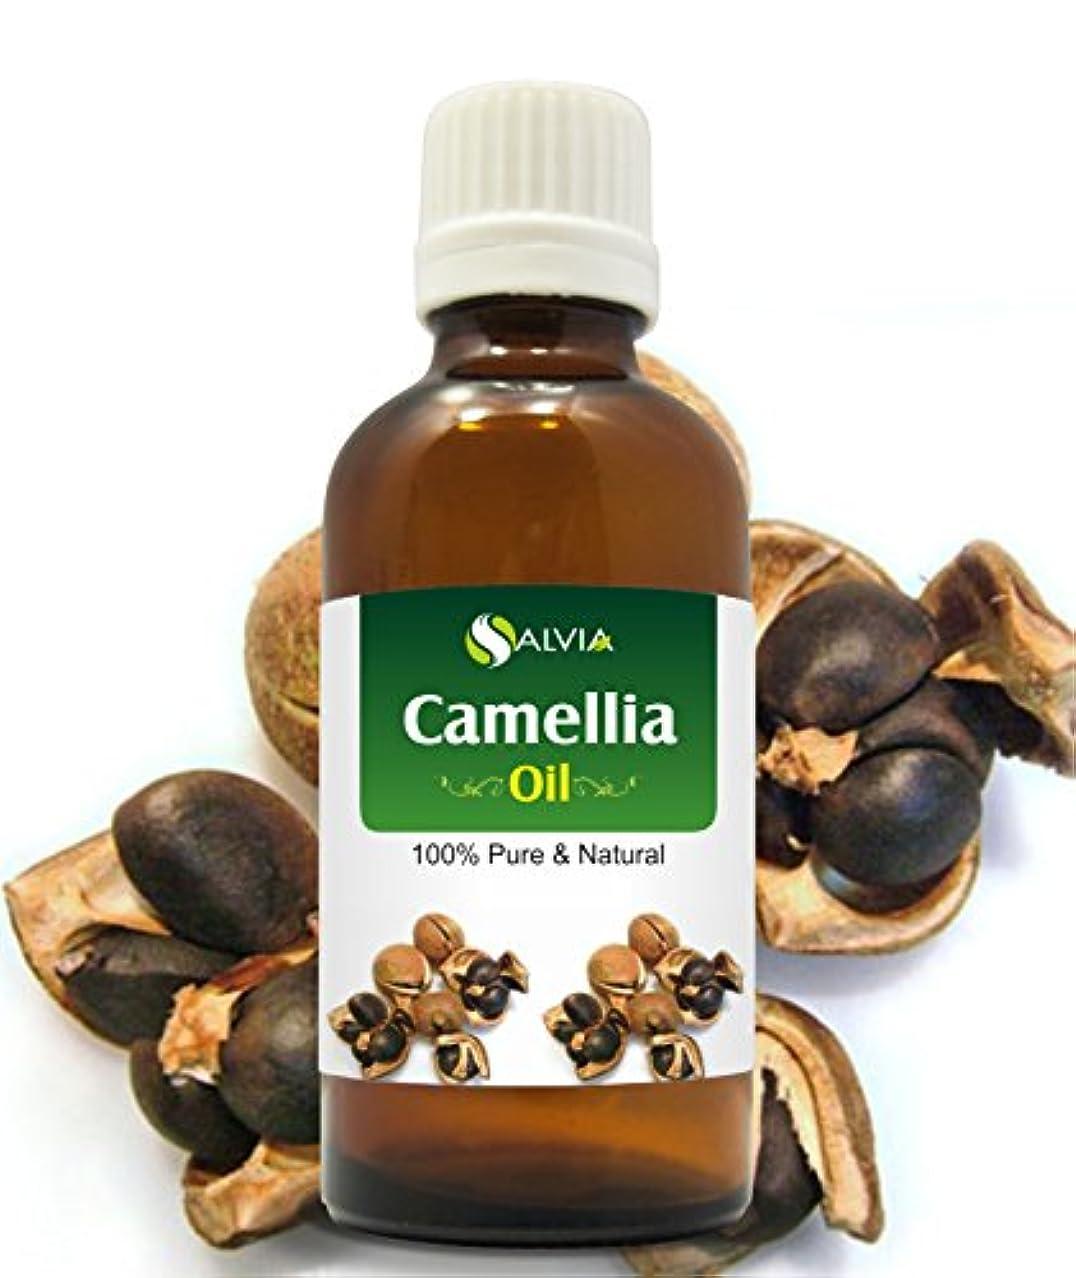 到着する予想外かもしれないCAMELLIA OIL 100% NATURAL PURE UNDILUTED UNCUT CARRIER OIL CAMELLIA OIL 100% NATURAL PURE UNDILUTED UNCUT CARRIER...